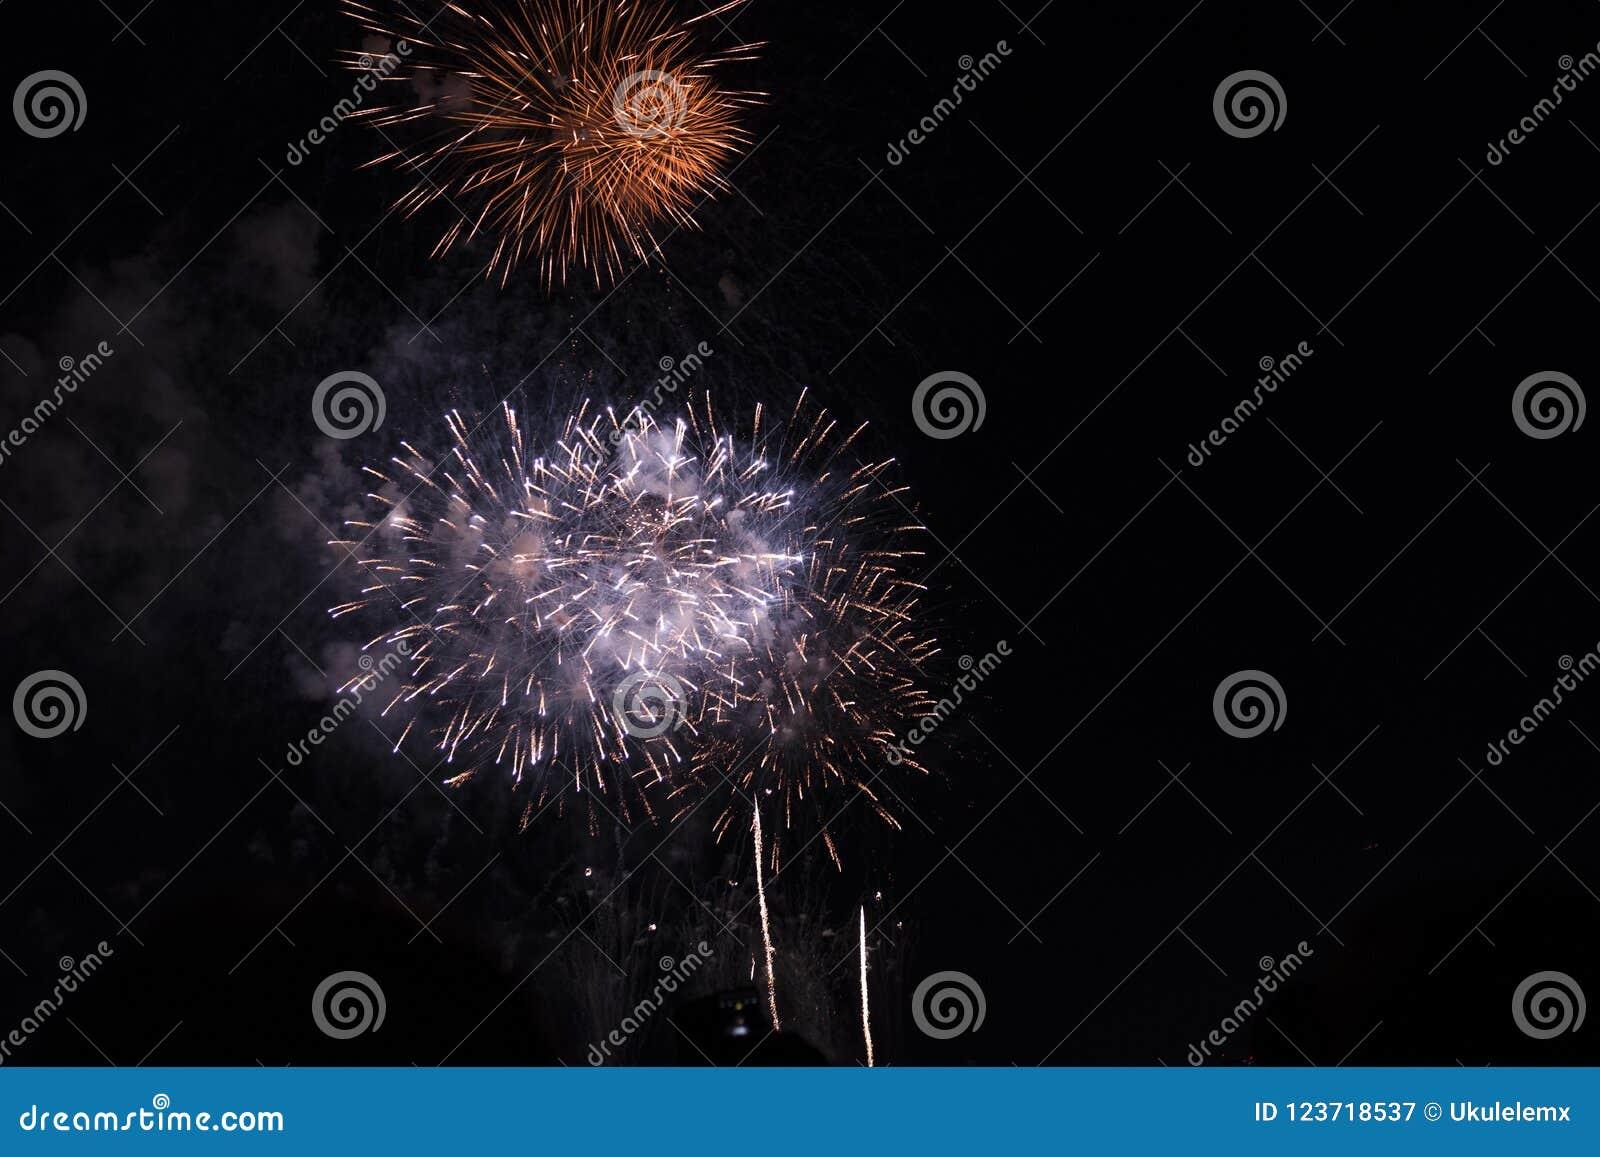 Множественные фейерверки в ночном небе в составе в тенях красных и белых